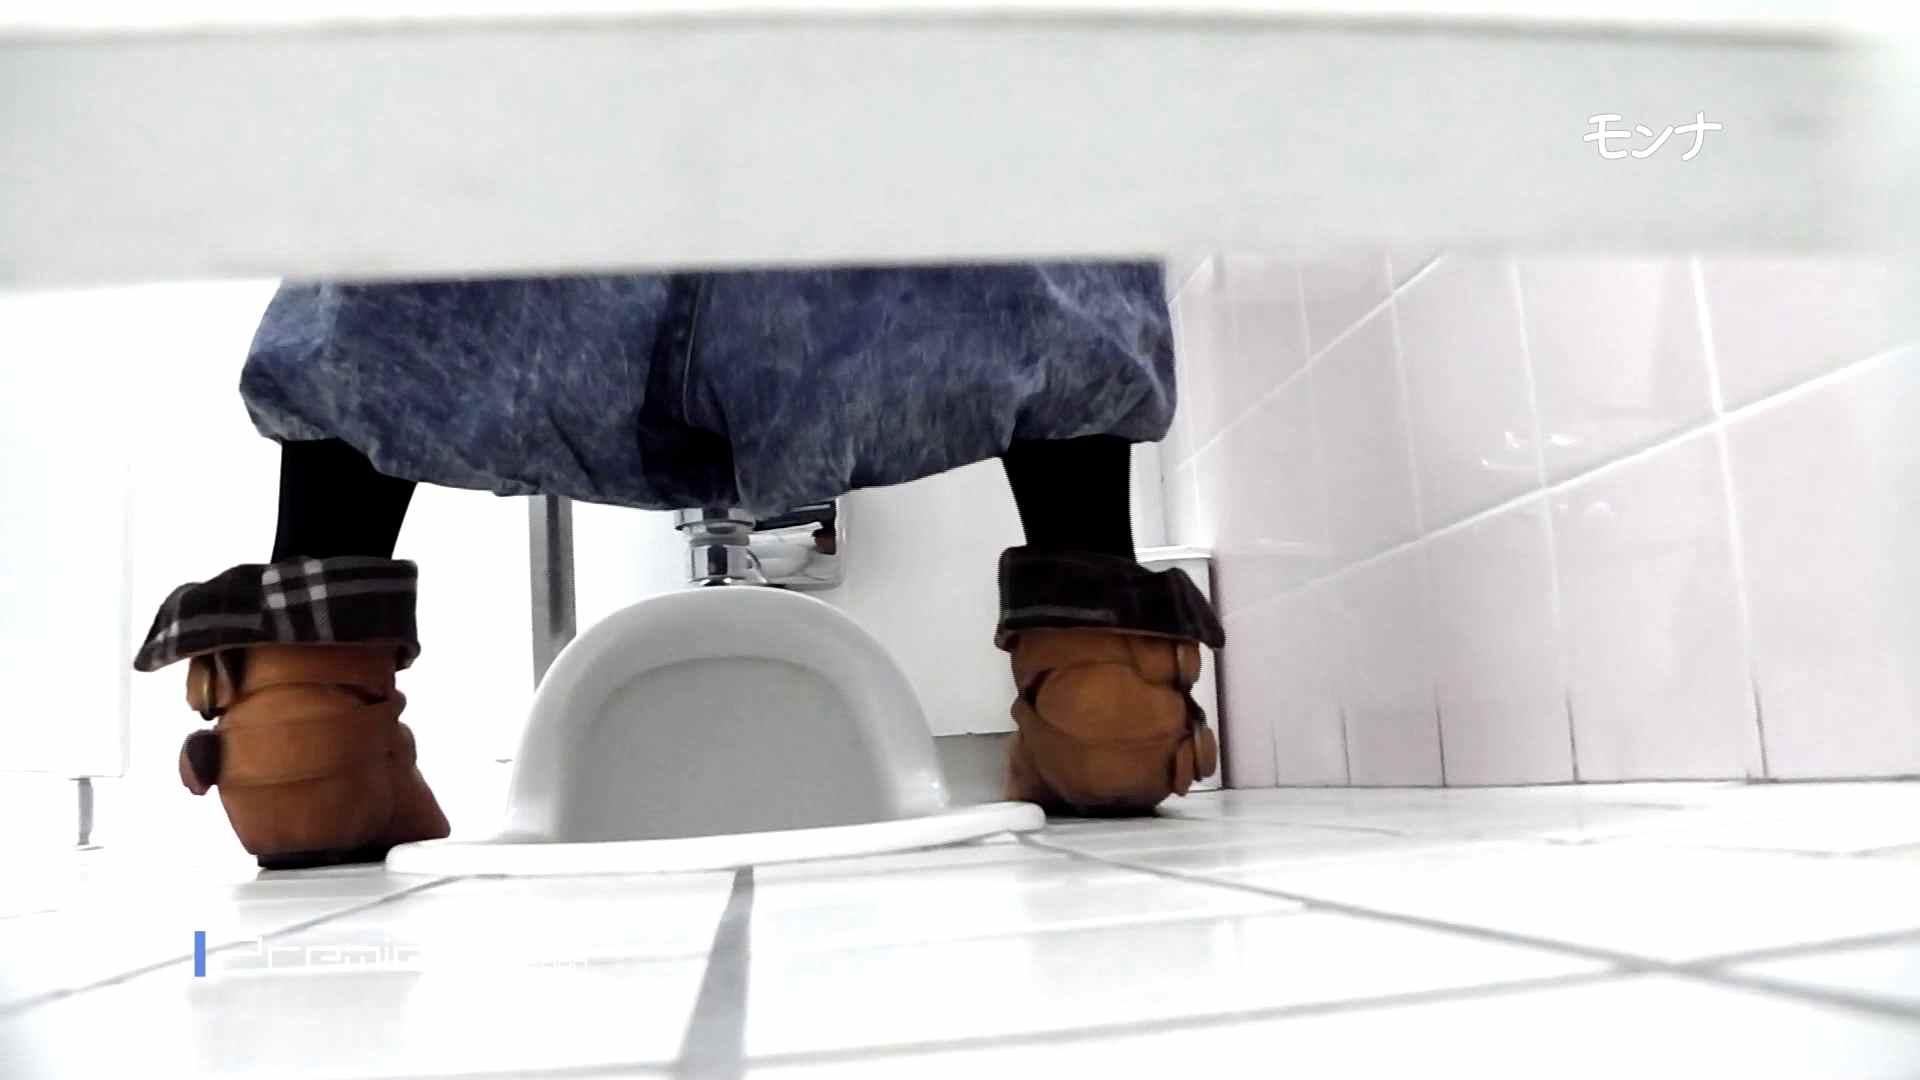 新学期!!下半身中心に攻めてます美小女可愛い女の悪戯盗撮トイレ 0 | 特撮トイレ  102画像 3